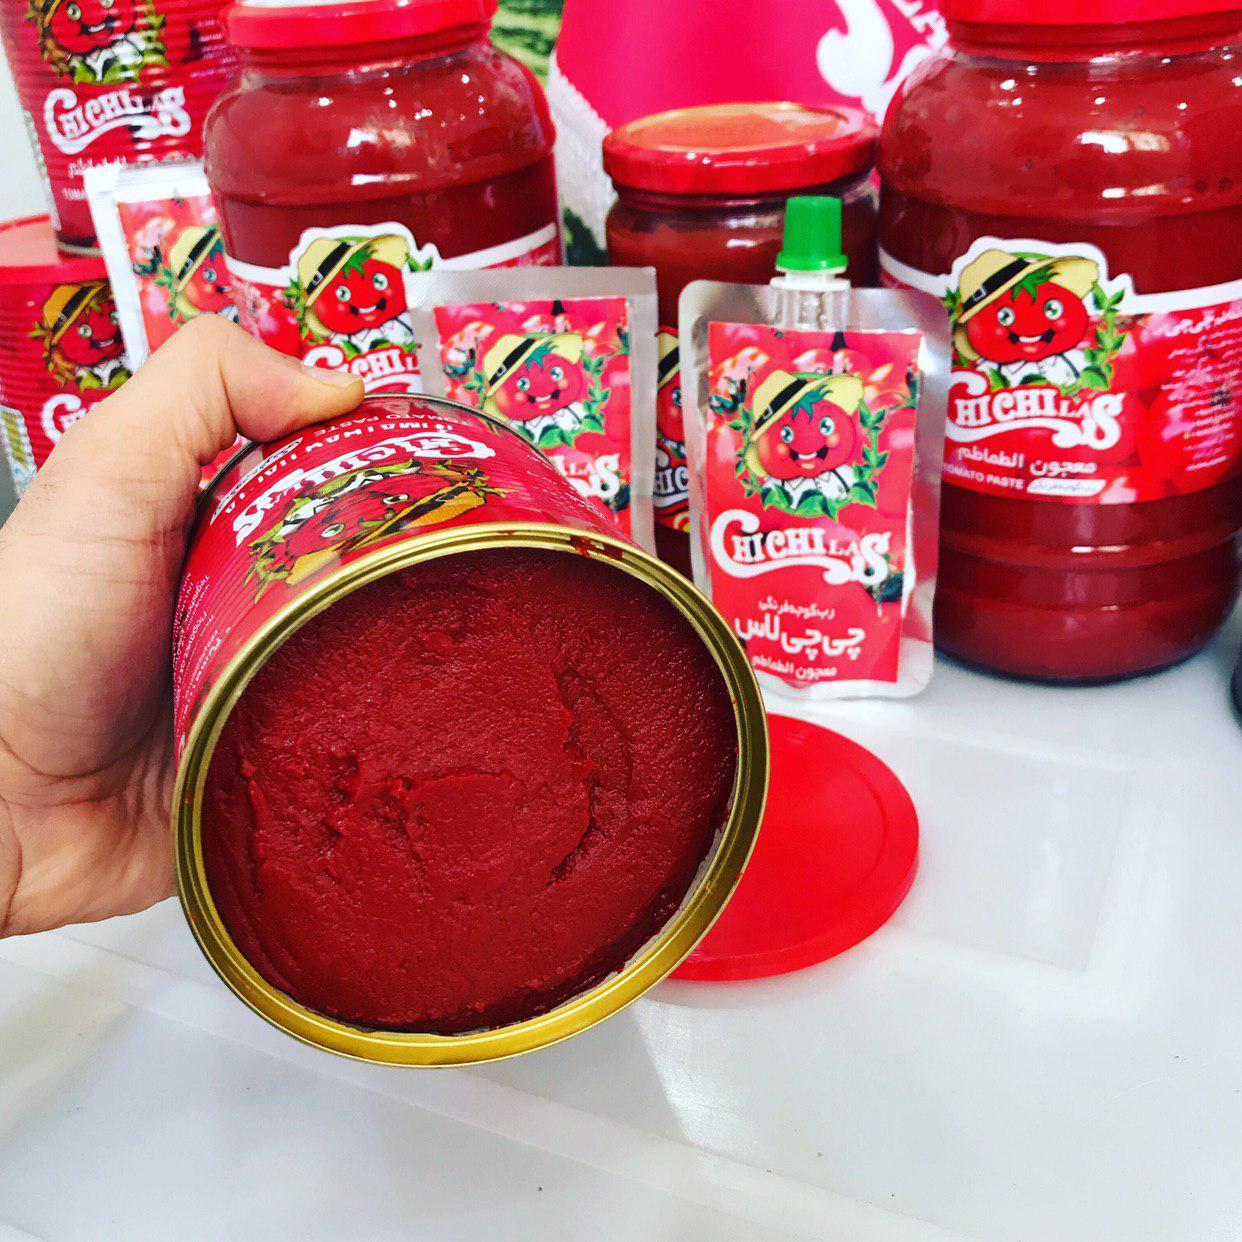 معتبرترین برند صادراتی رب گوجه فرنگی